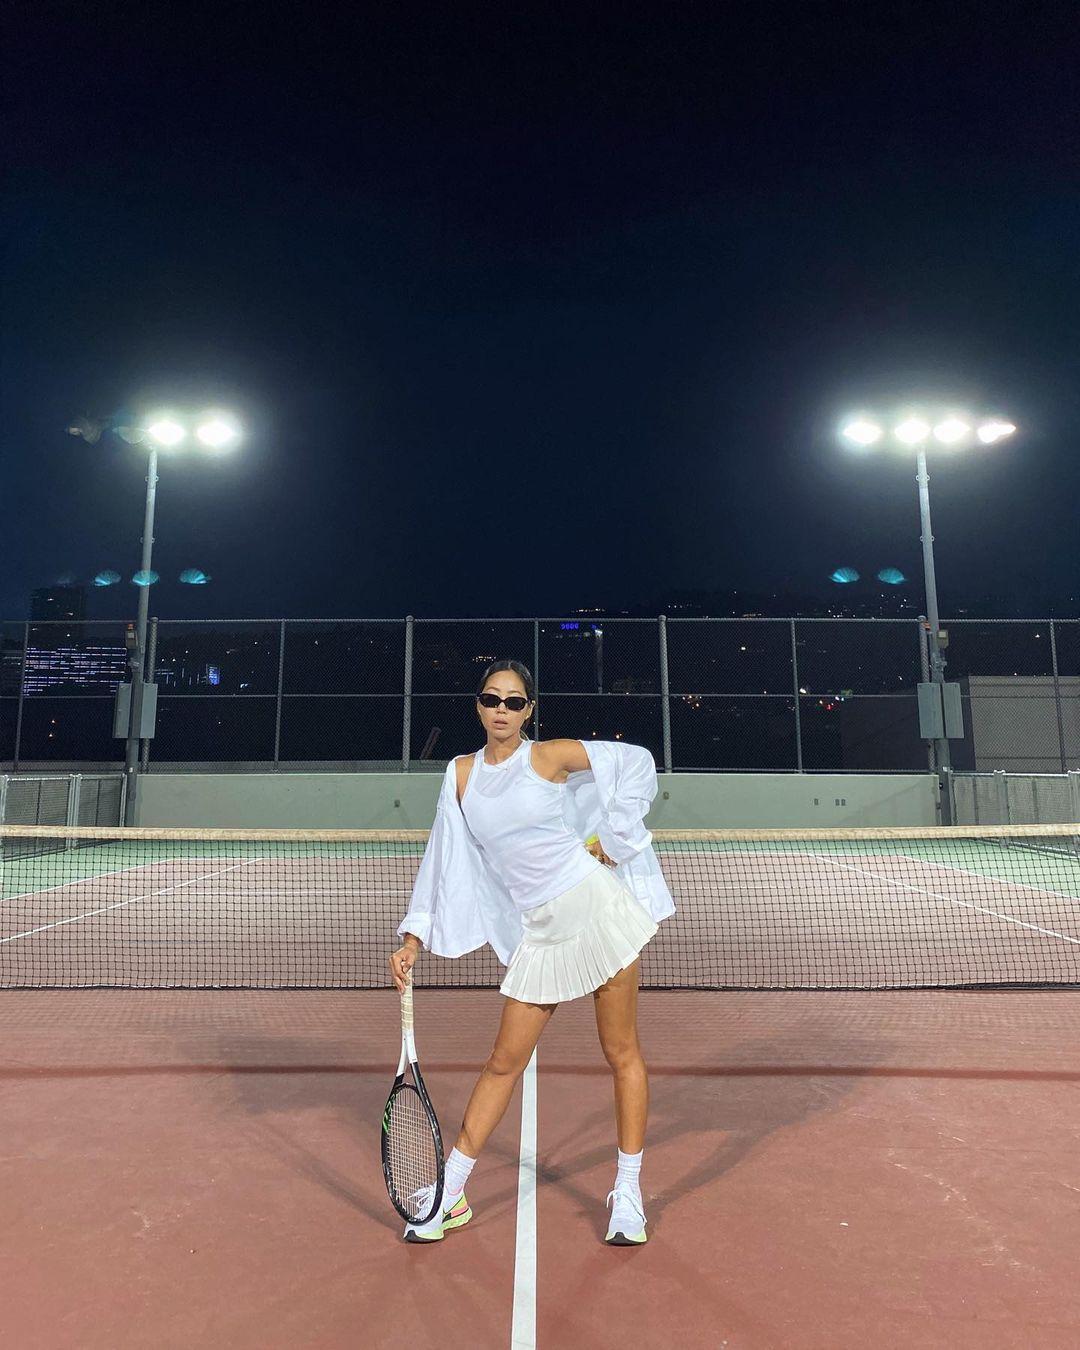 Váy tennis là ý tưởng tuyệt vời cho mùa thu - 9